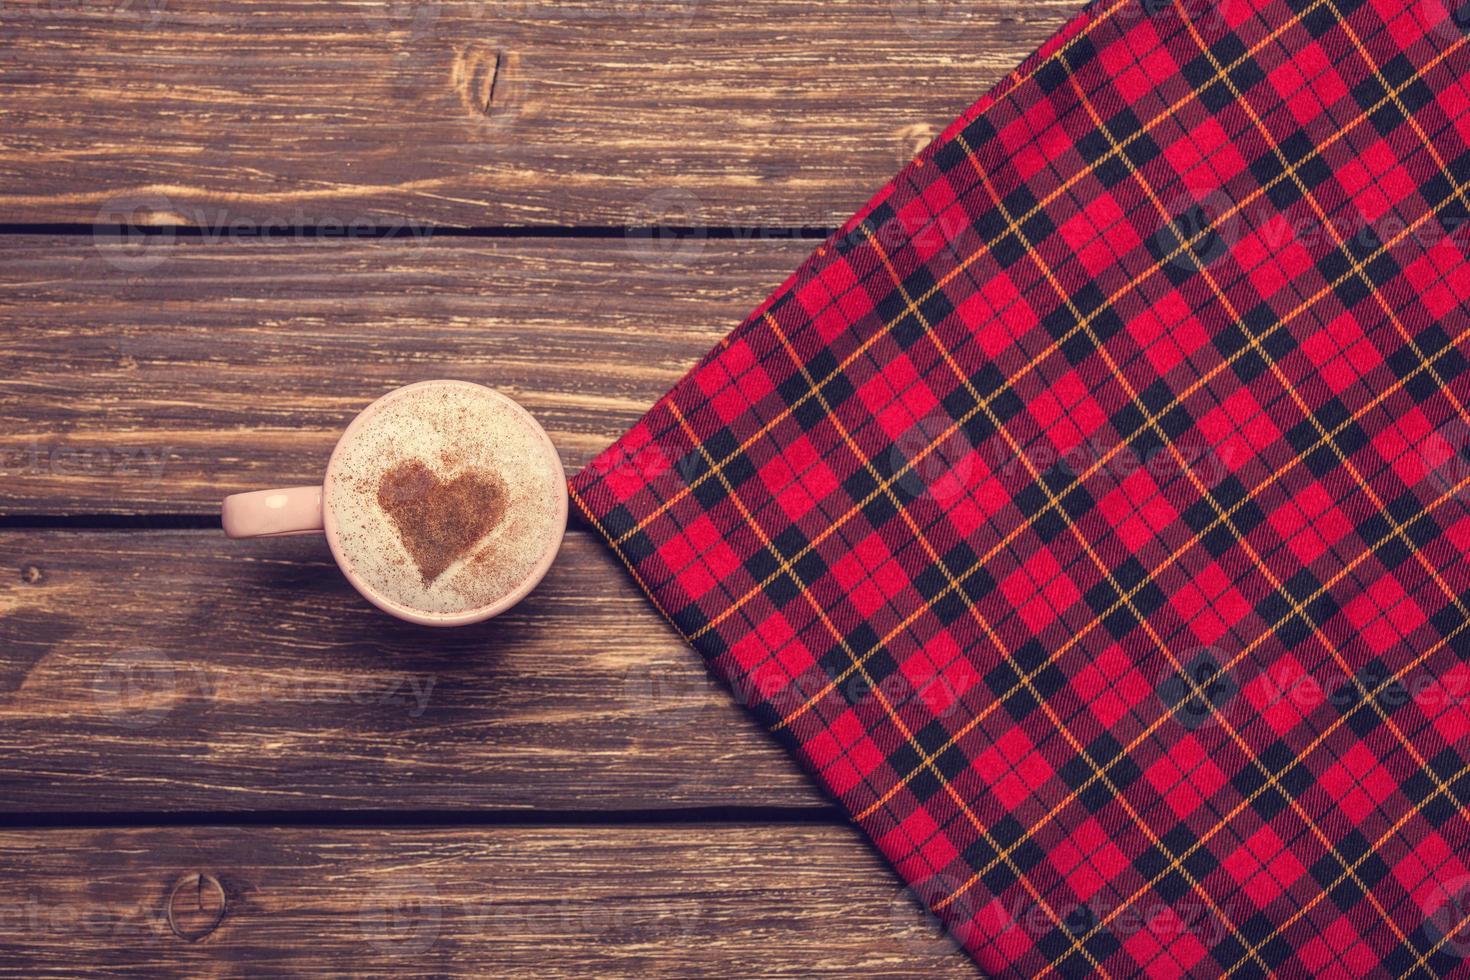 kopje koffie op een houten tafel. foto